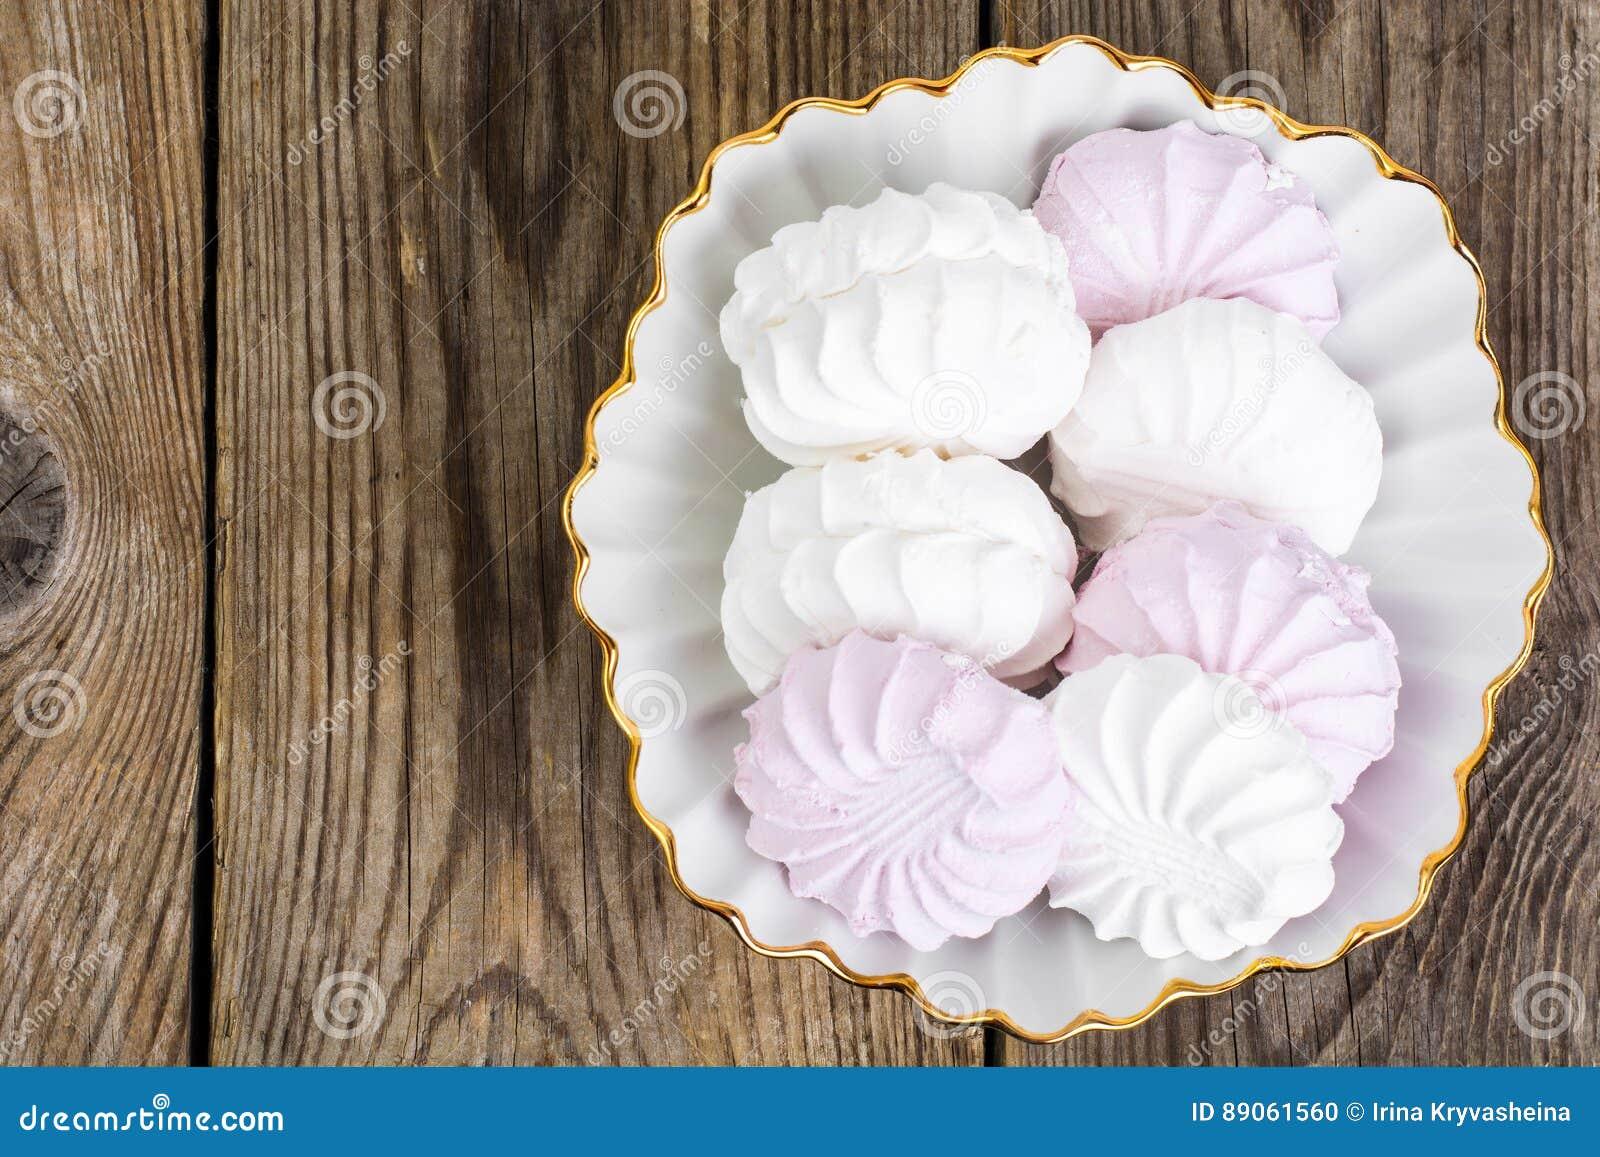 蛋白软糖甜纤巧